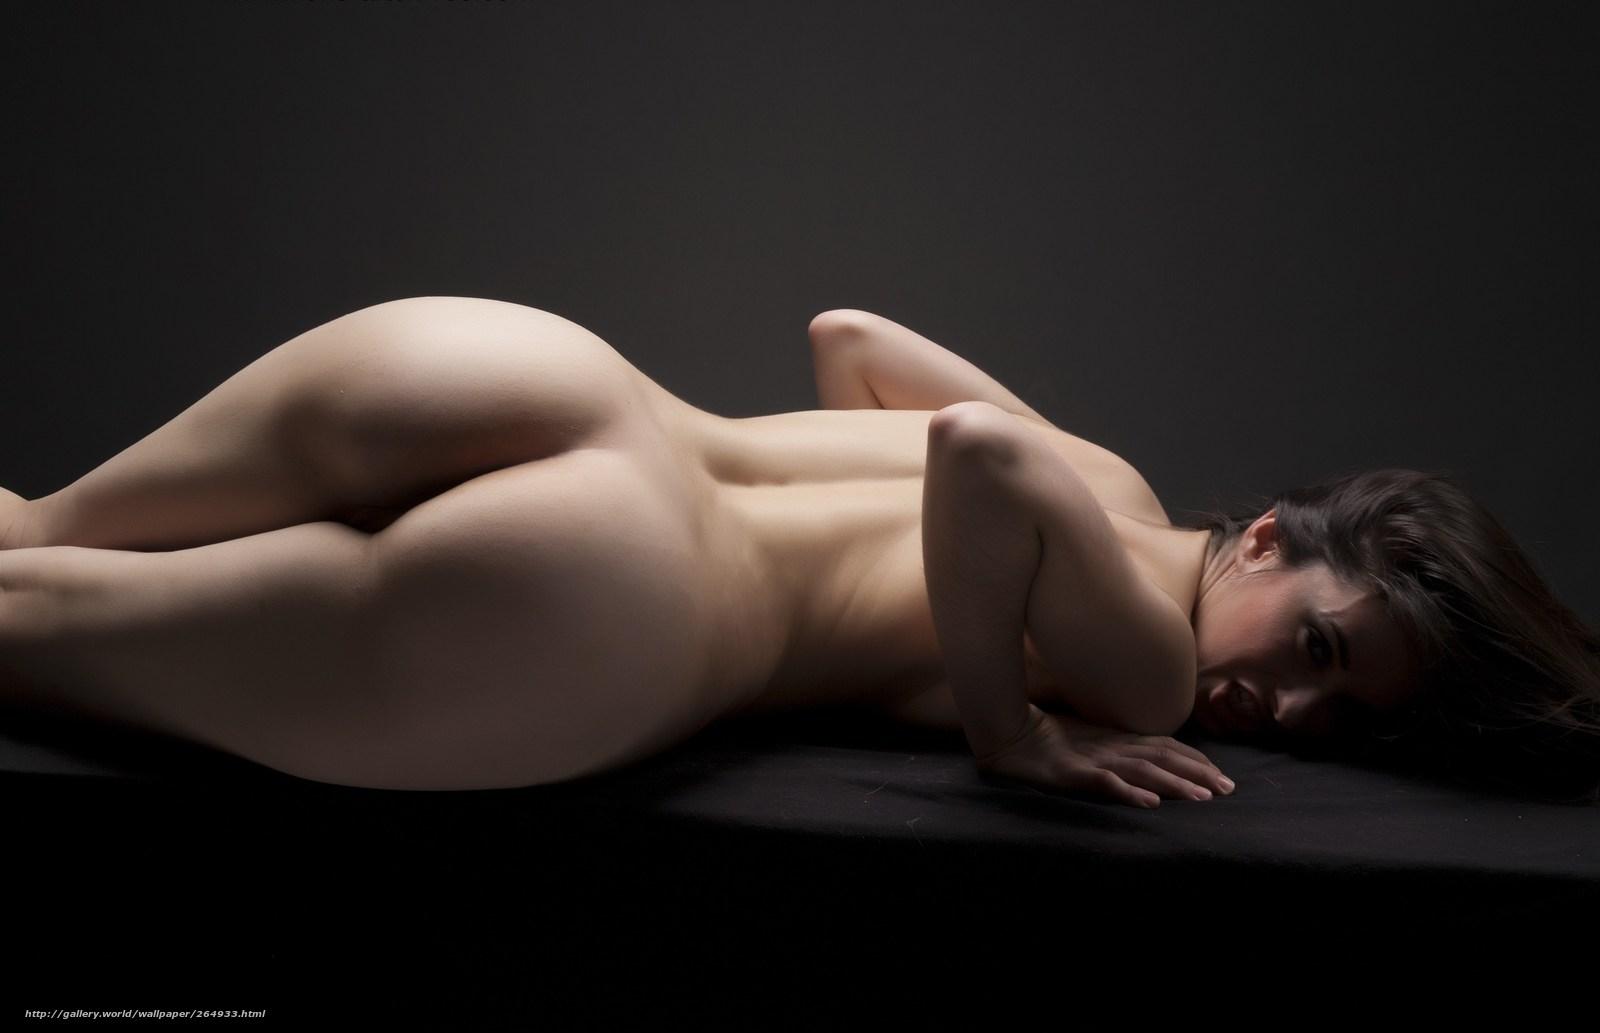 Ххх л секс стриптиз клевые негритоски 20 фотография